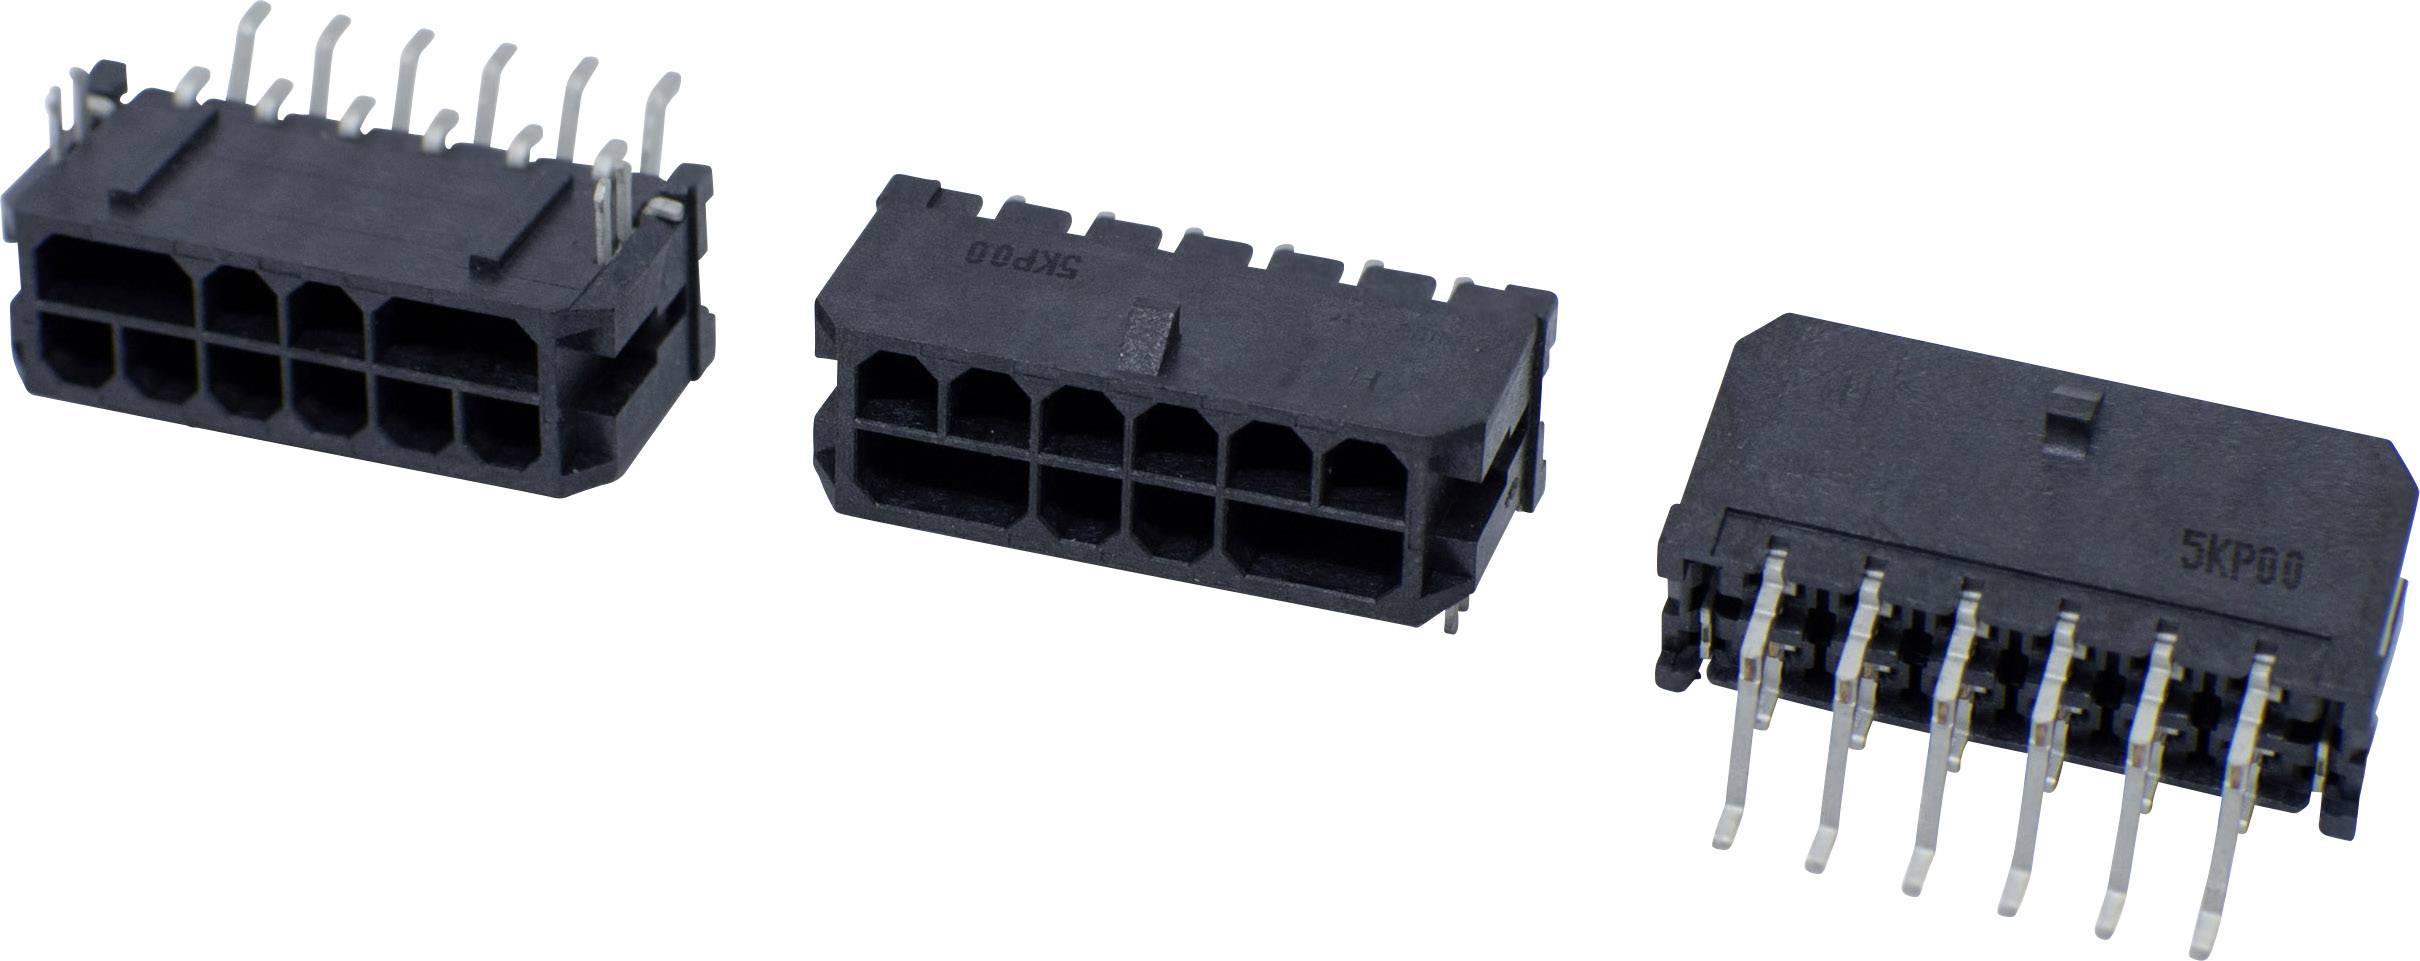 Pinová lišta (štandardná) BellWether 70096-0208, pólů 2, rozteč 3 mm, 1 ks